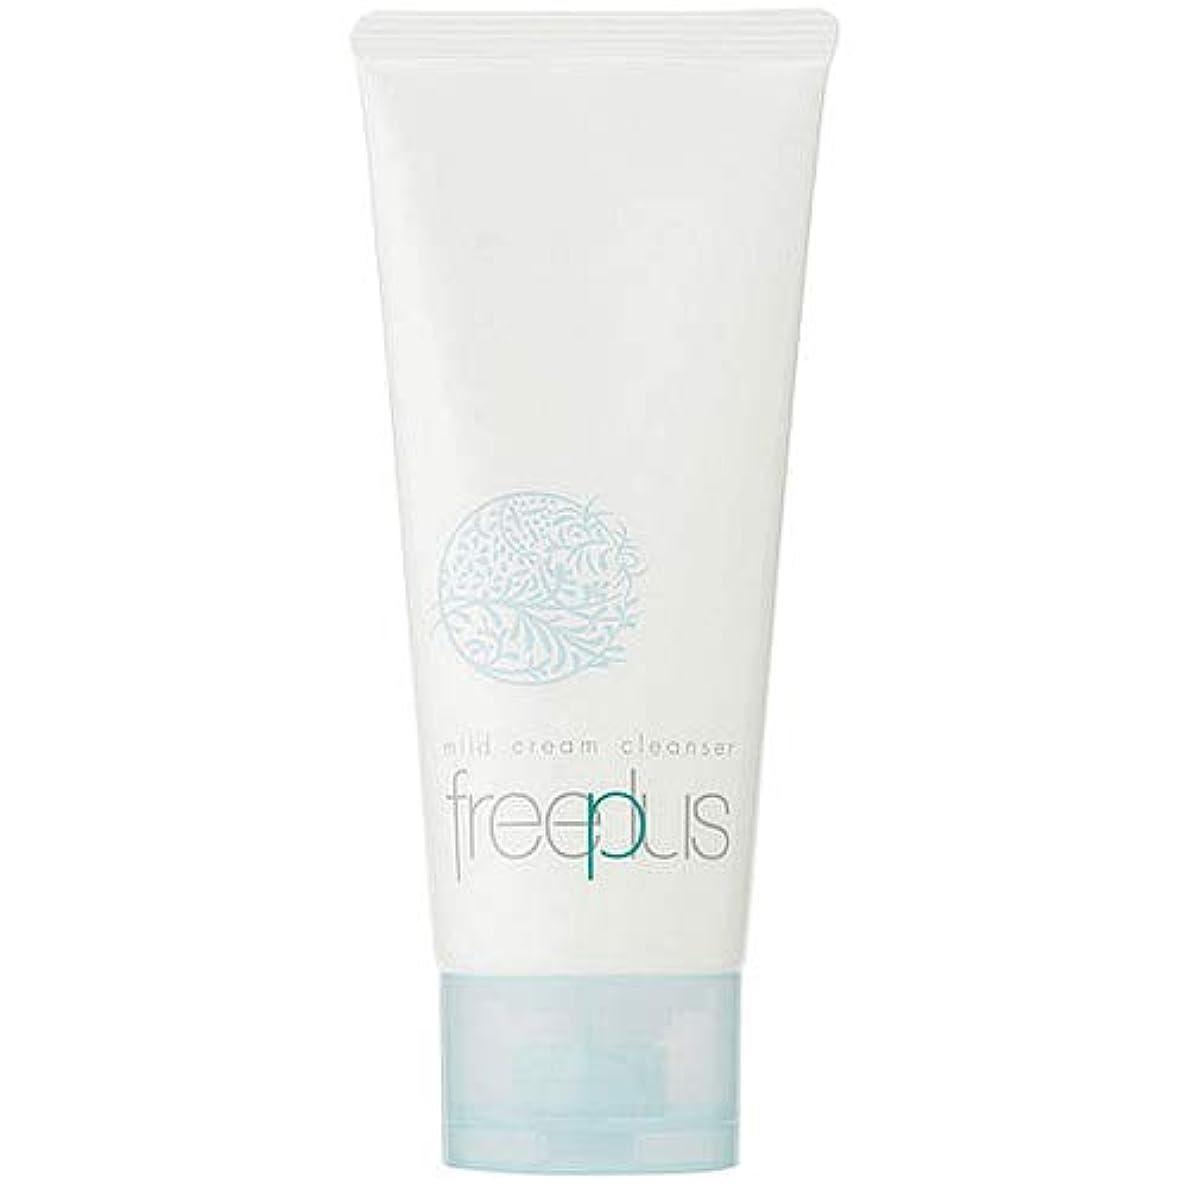 独立したマリンプールフリープラス FREEPLUS フリープラス マイルドクリームクレンザーa 125g [並行輸入品]